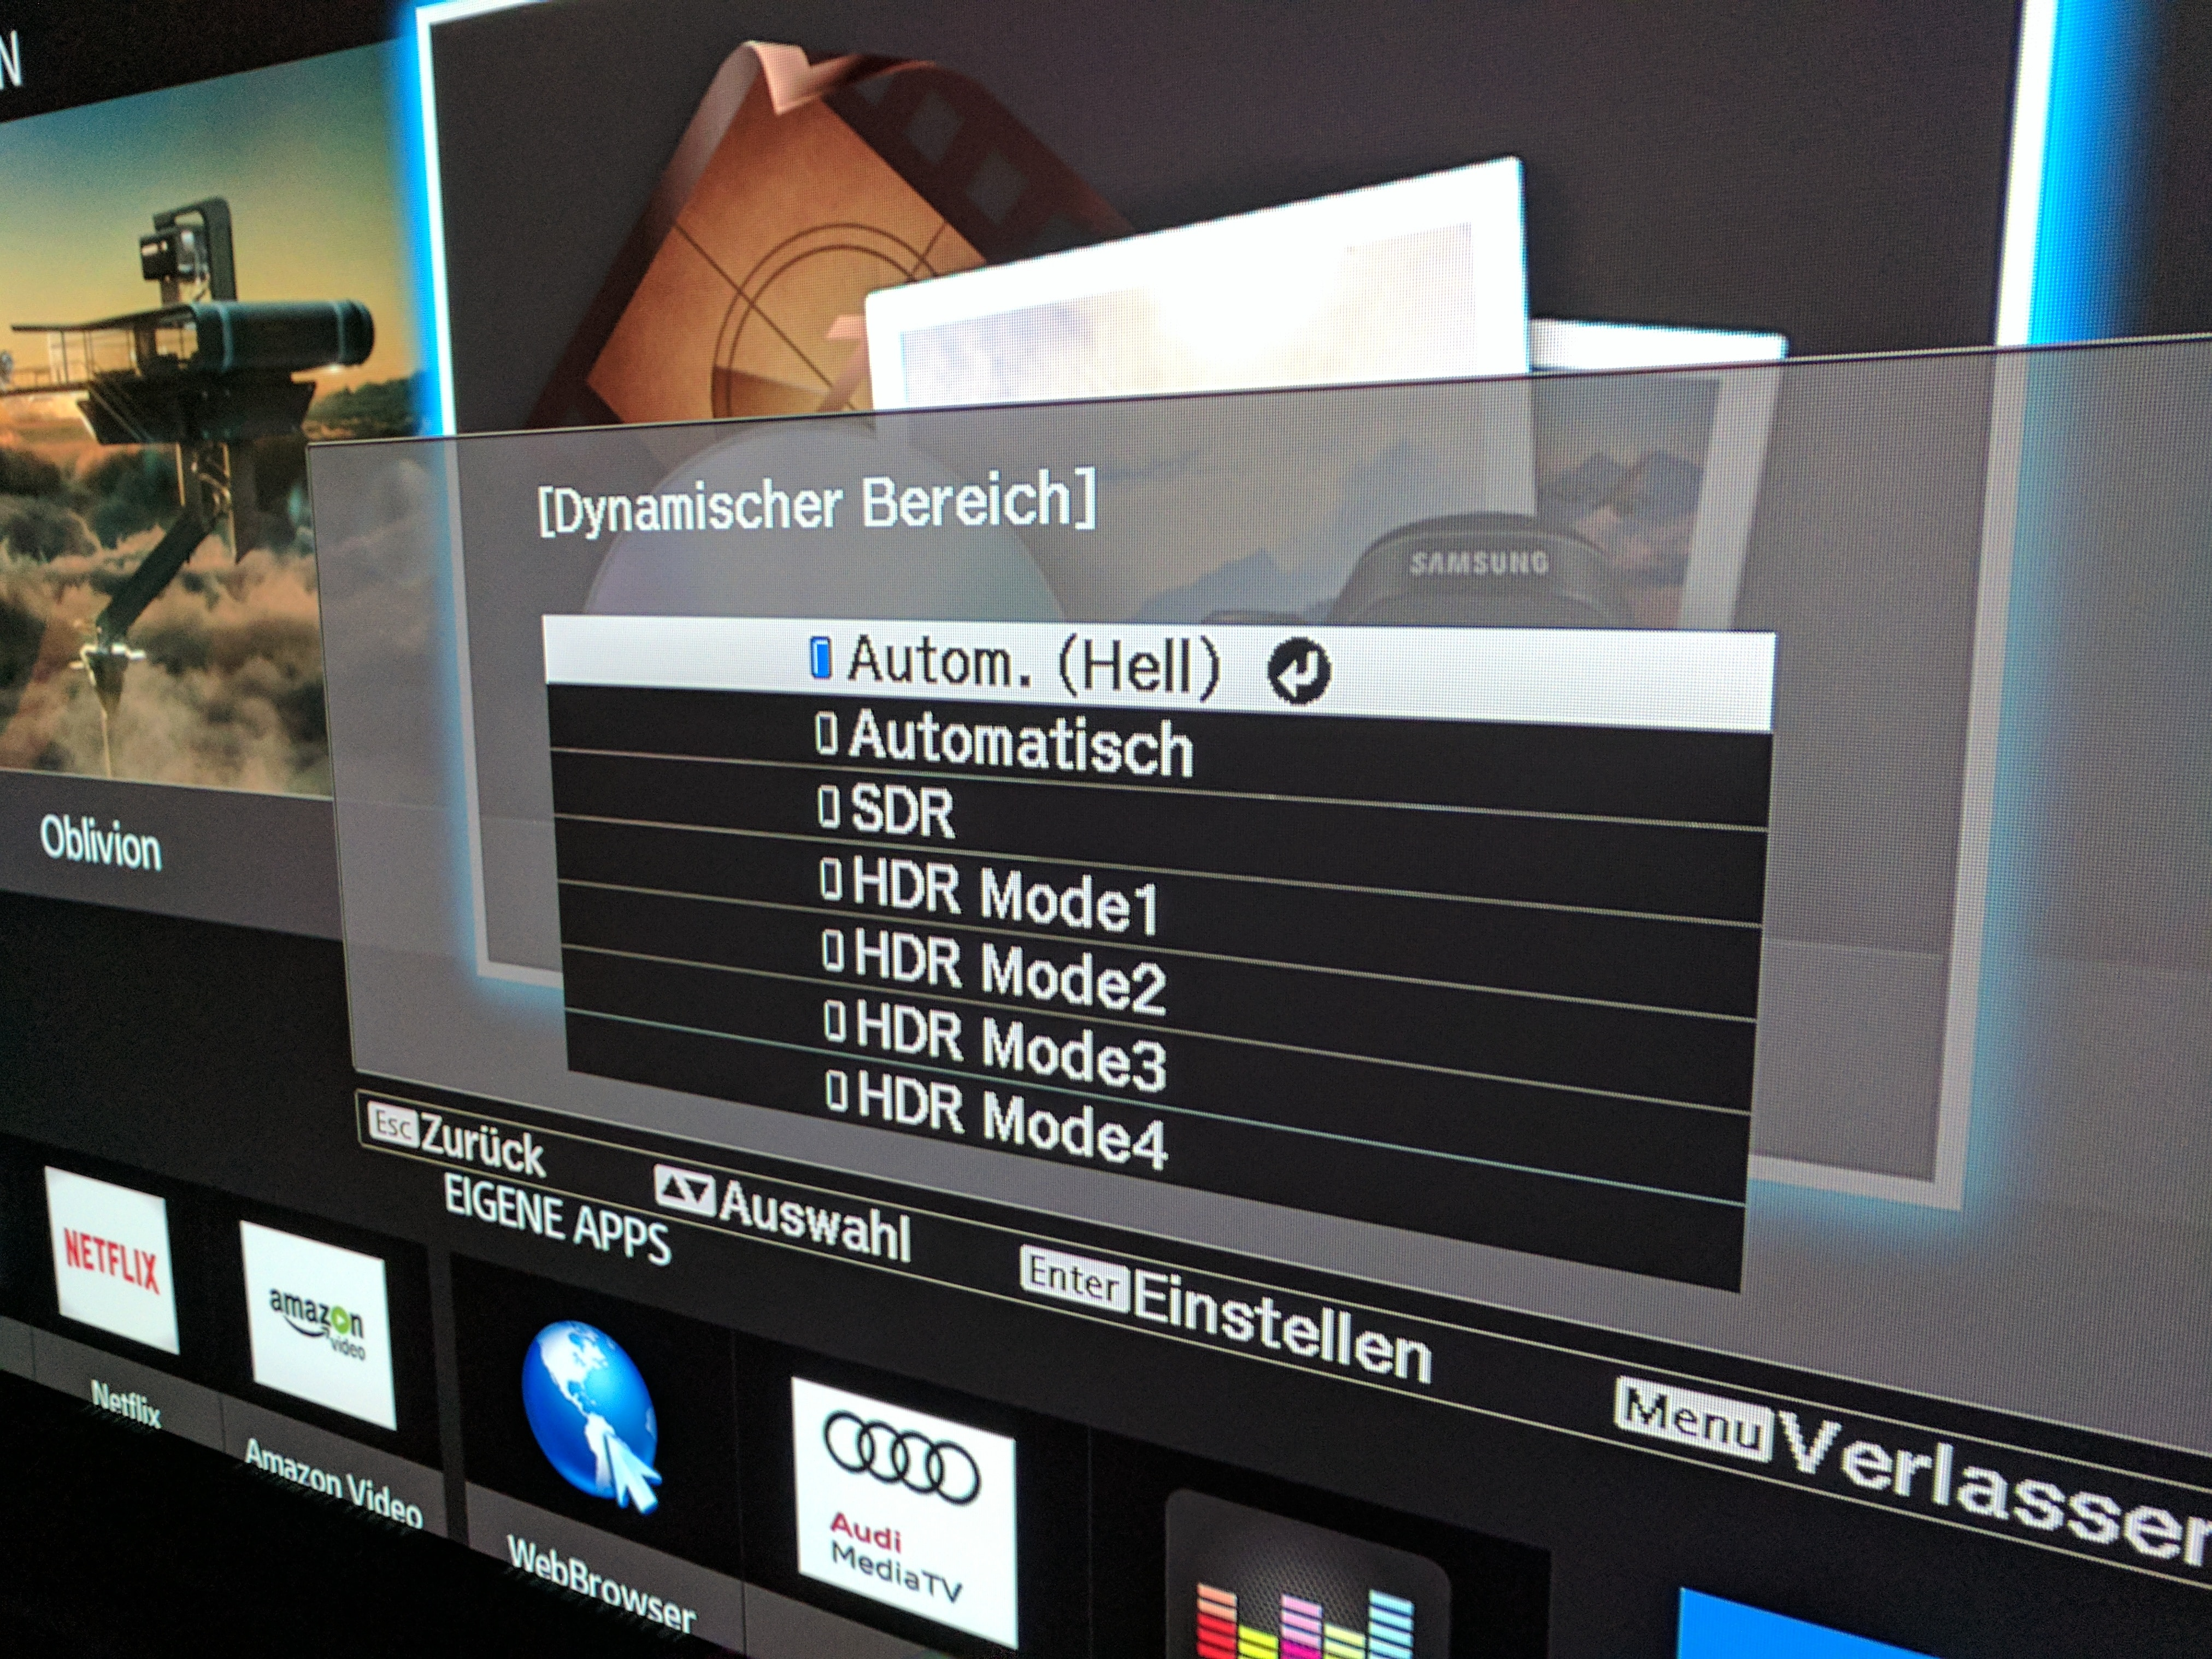 Epson-automatisch-hell-Modus-TW7300-TW9300-TW9300W-firmware109